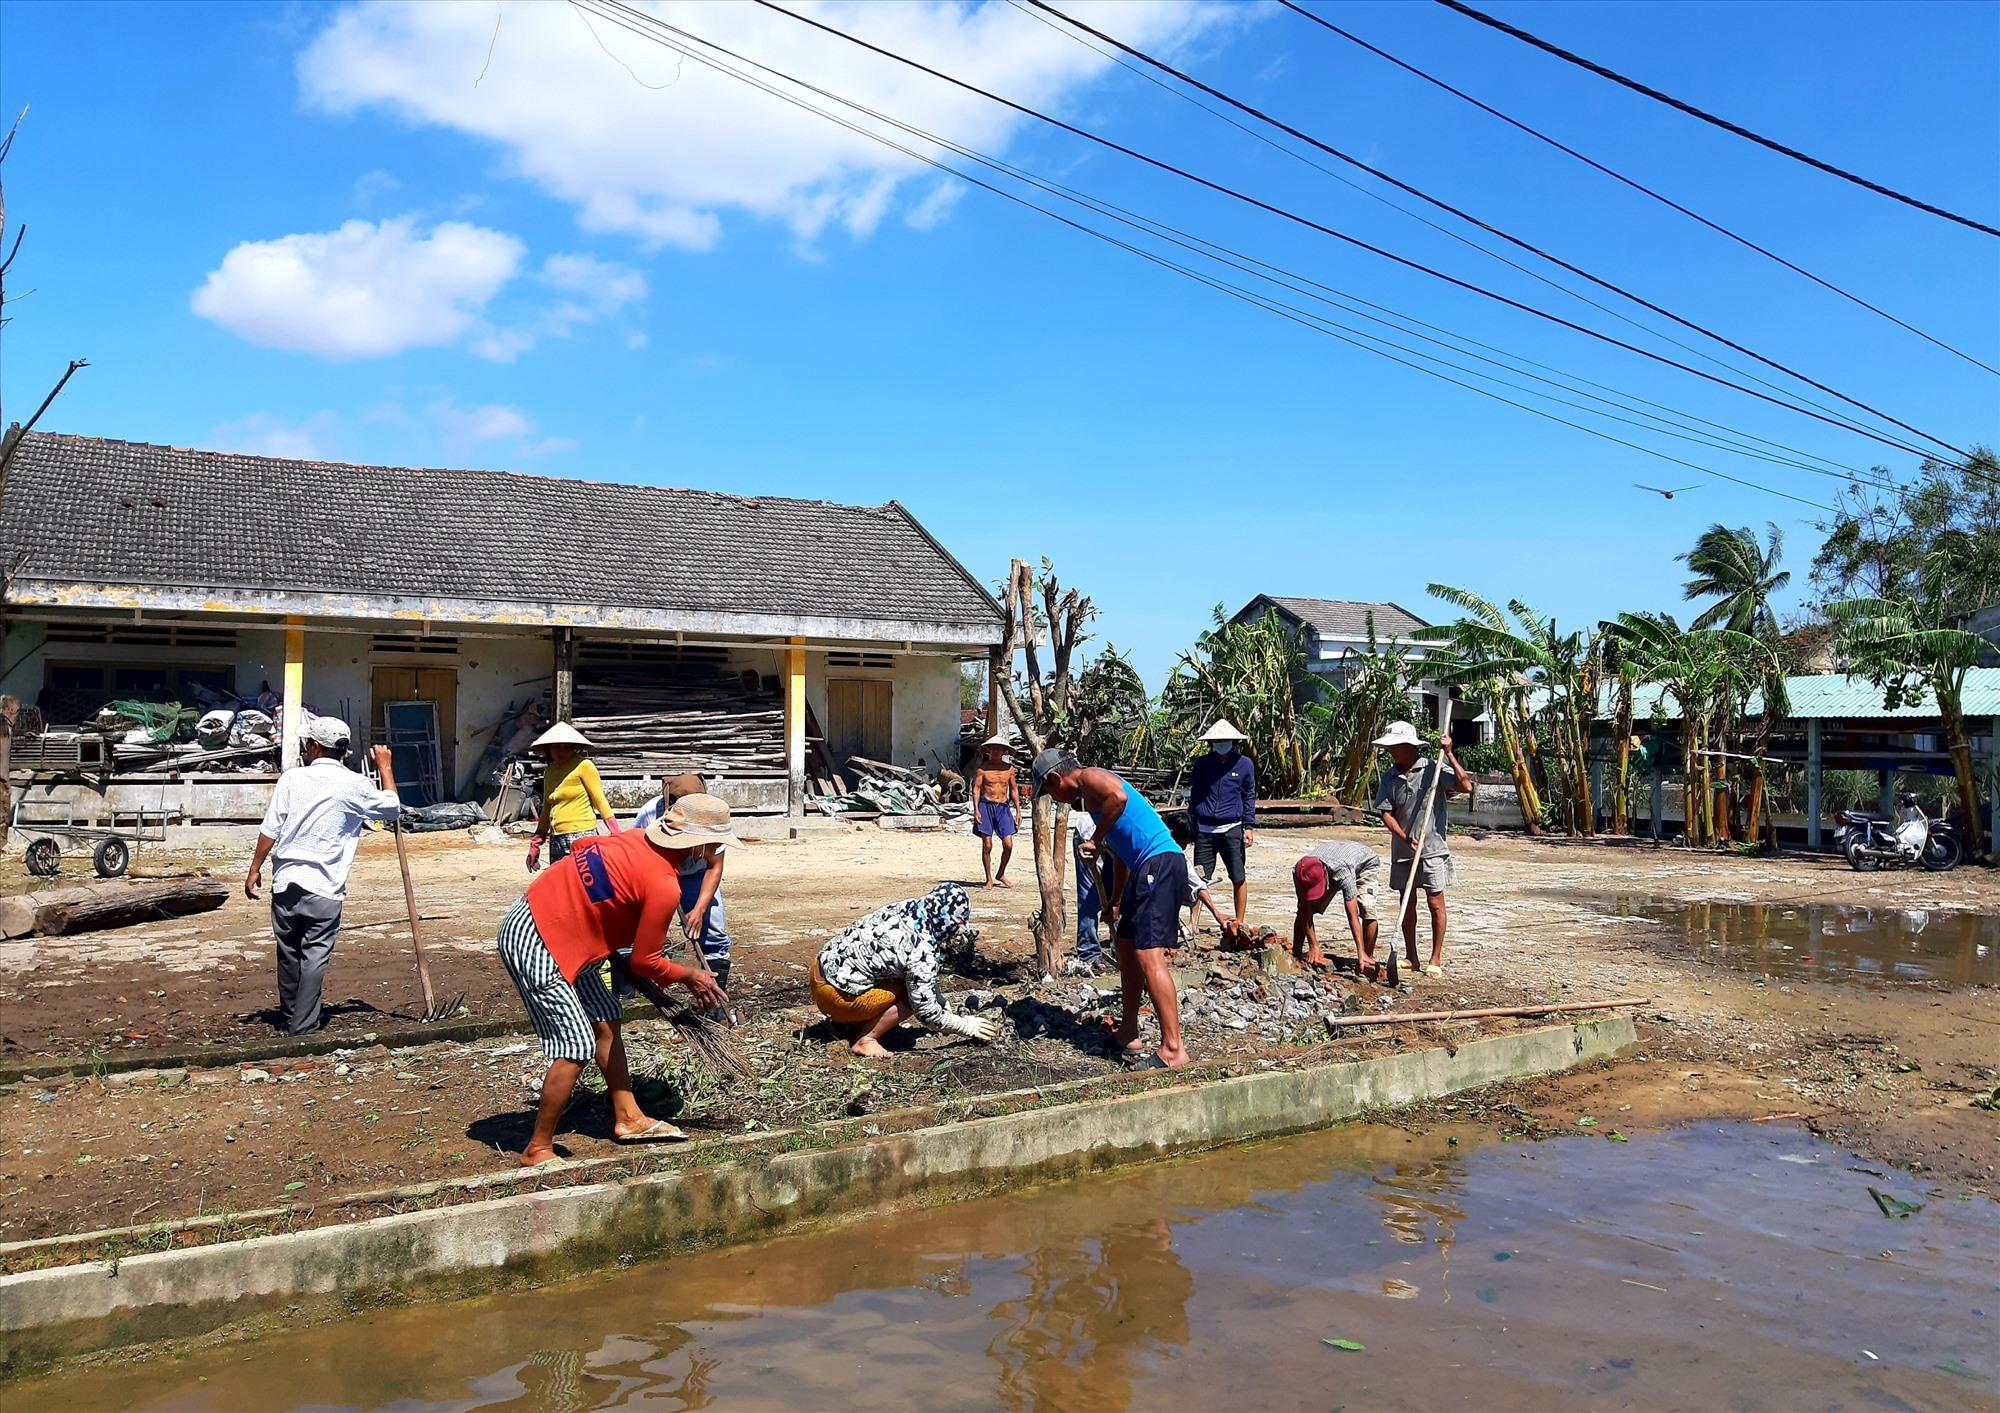 Nhân dân nhiều địa phương của huyện Quế Sơn ra quân dọn vệ sinh sau bão. Ảnh: S.T